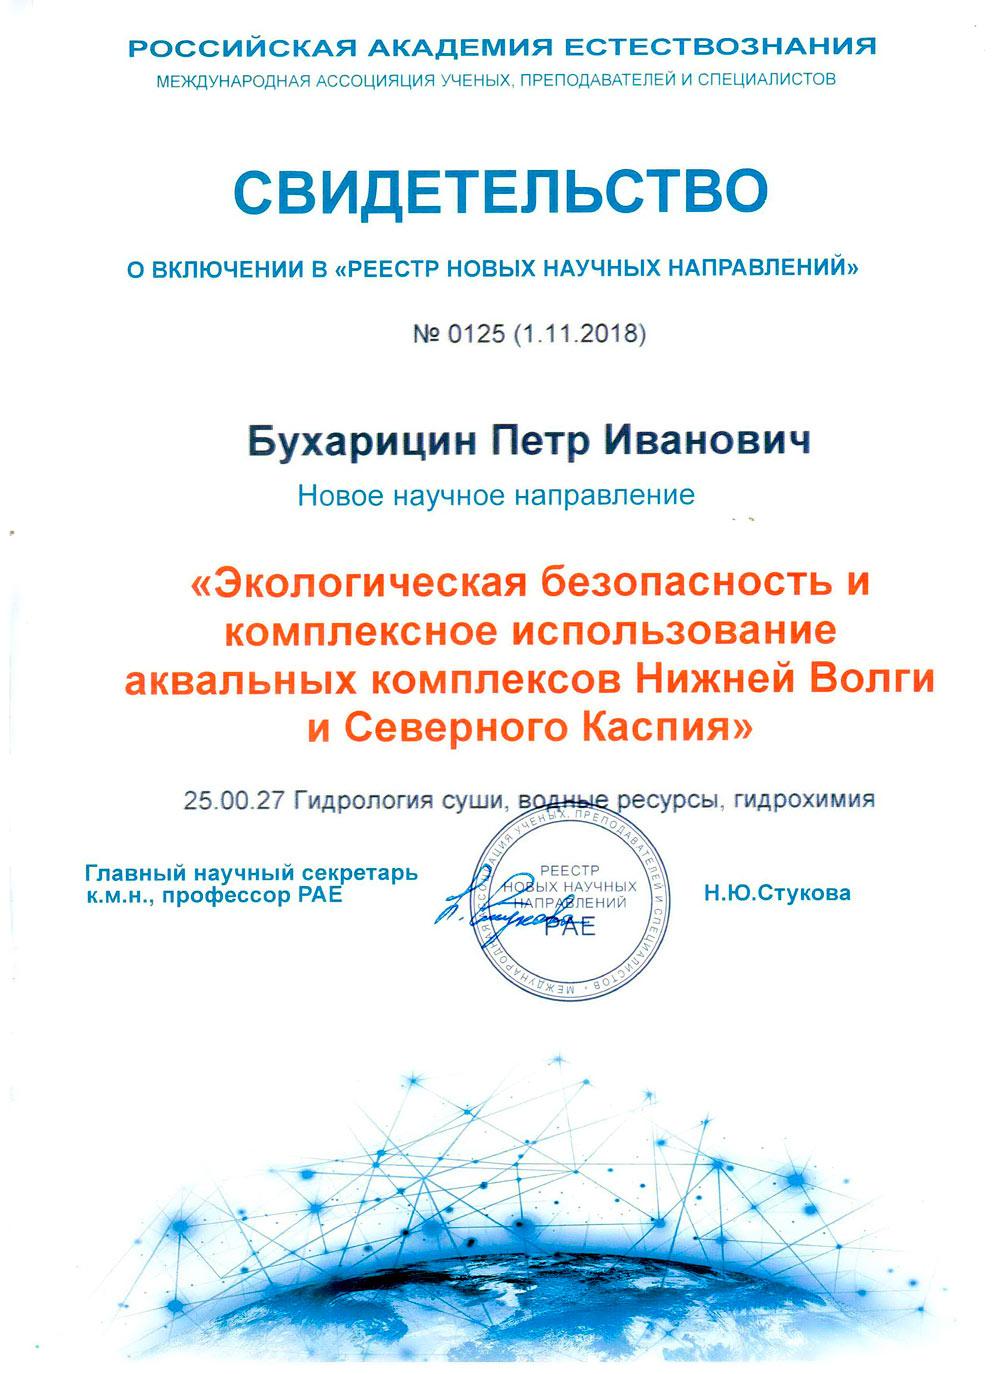 свидво-нового-научного-направления-2018-г.